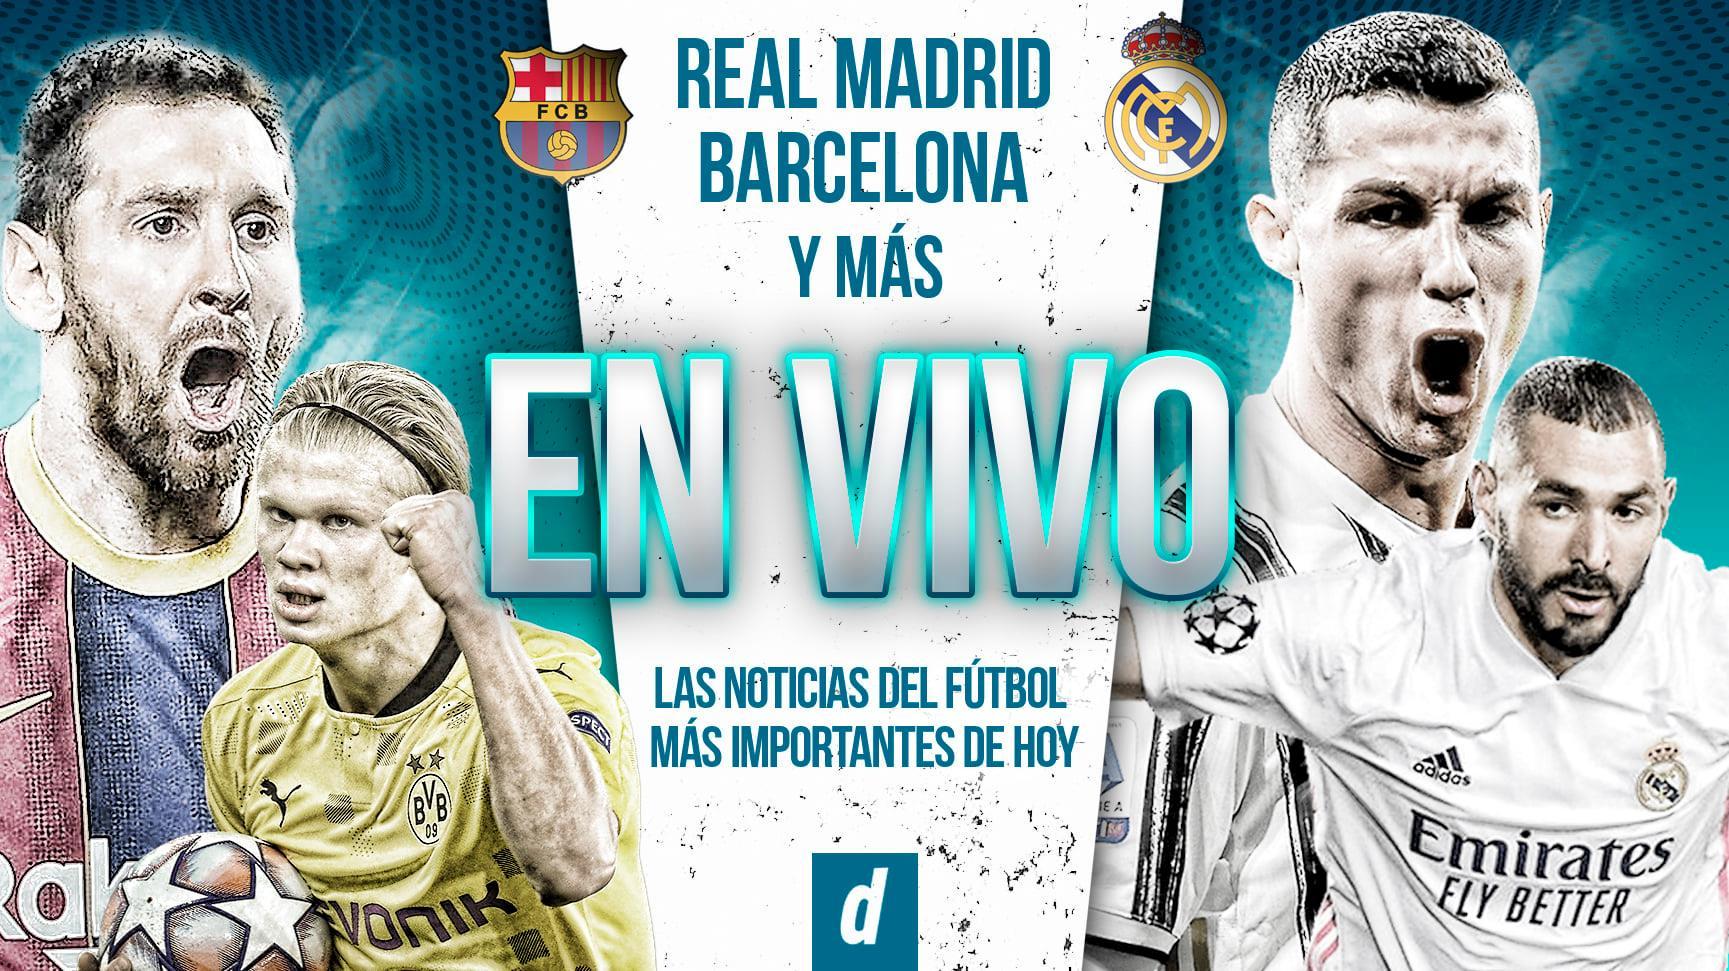 Noticias de futbol más importantes del día EN VIVO con Real Madrid y Barcelona